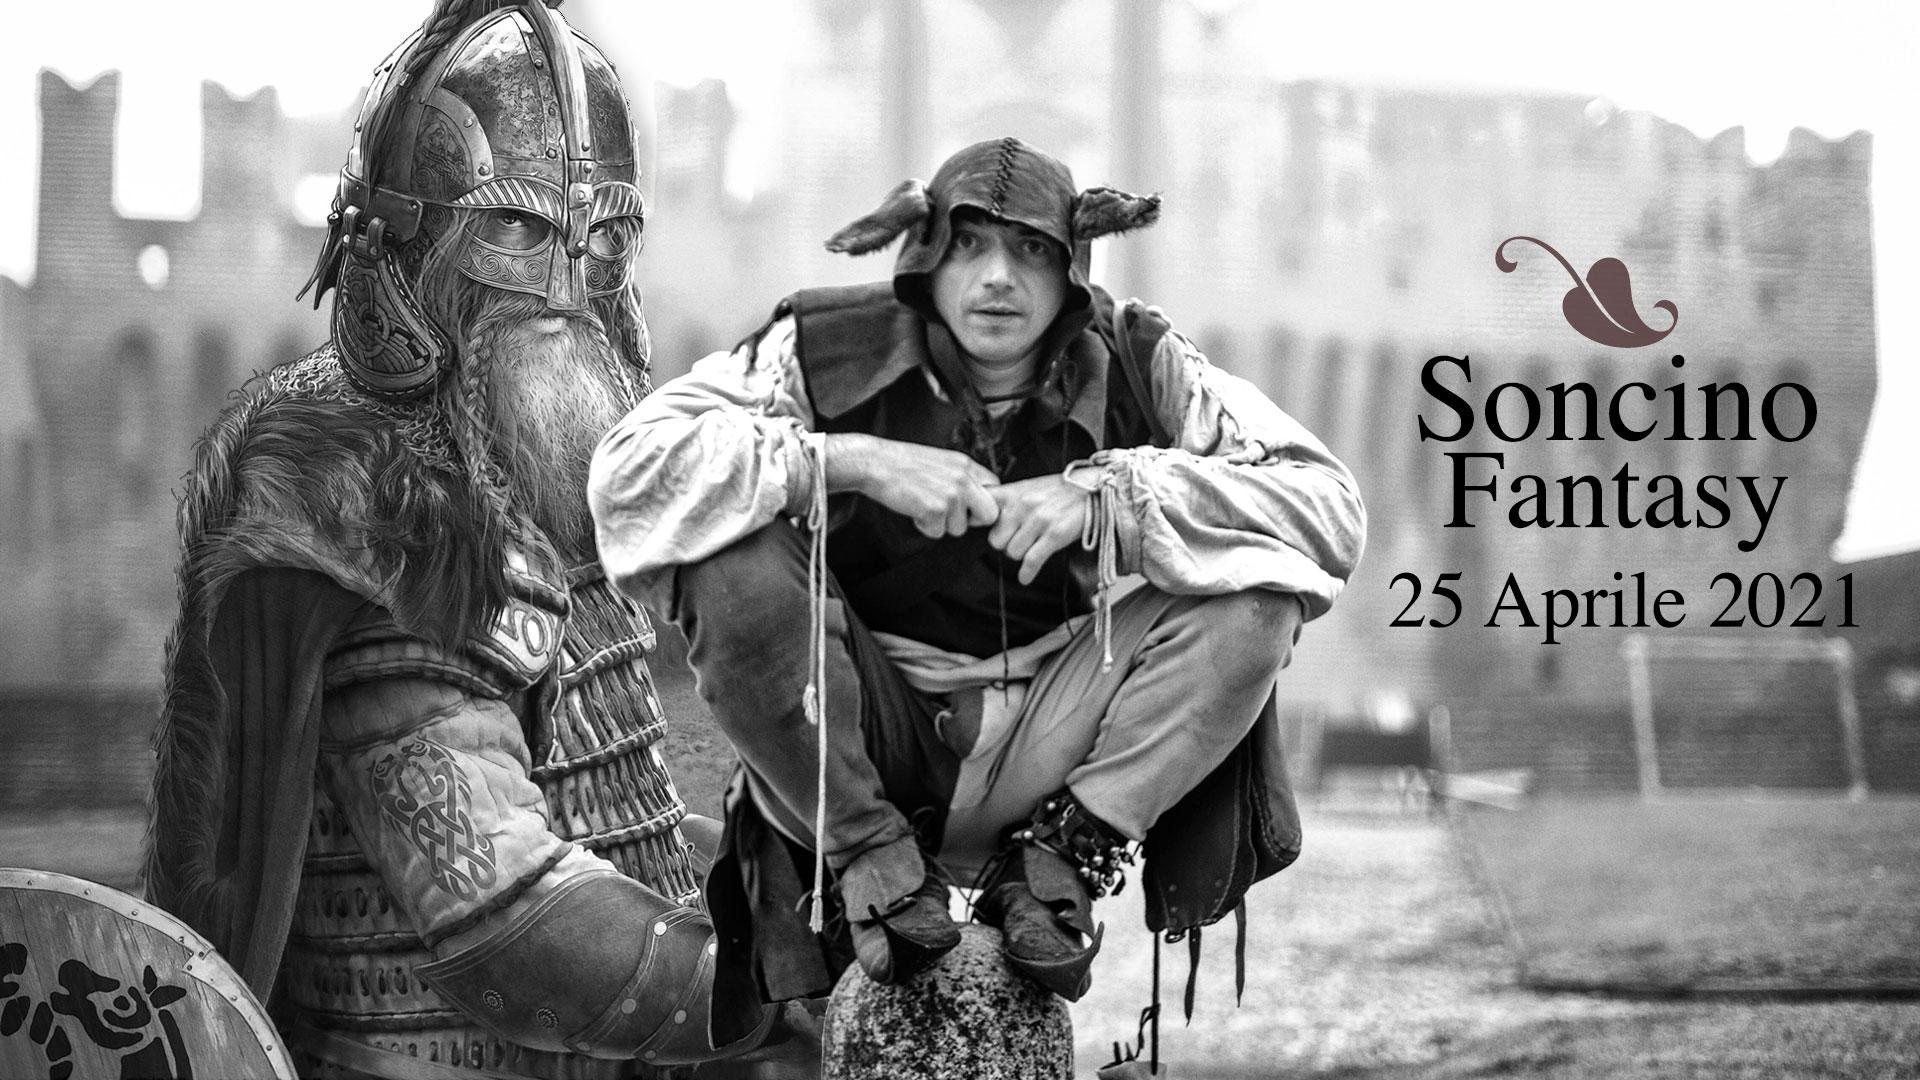 Soncino Fantasy 2021